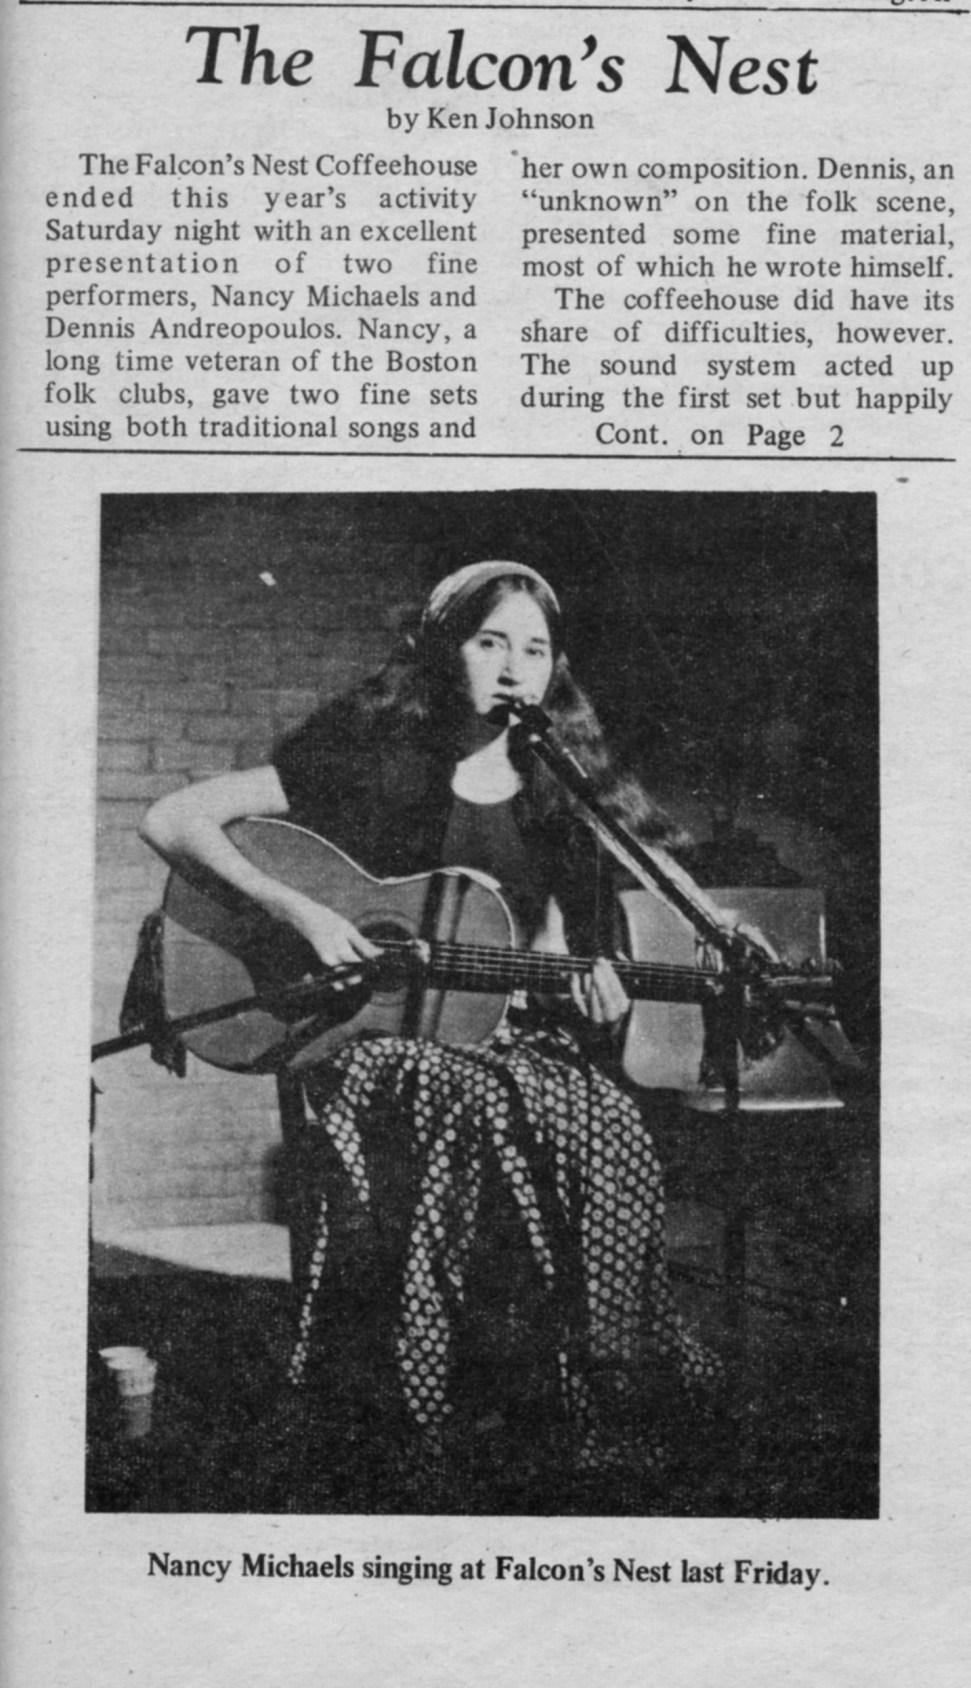 falconsnest_newspaper_1971_04_23